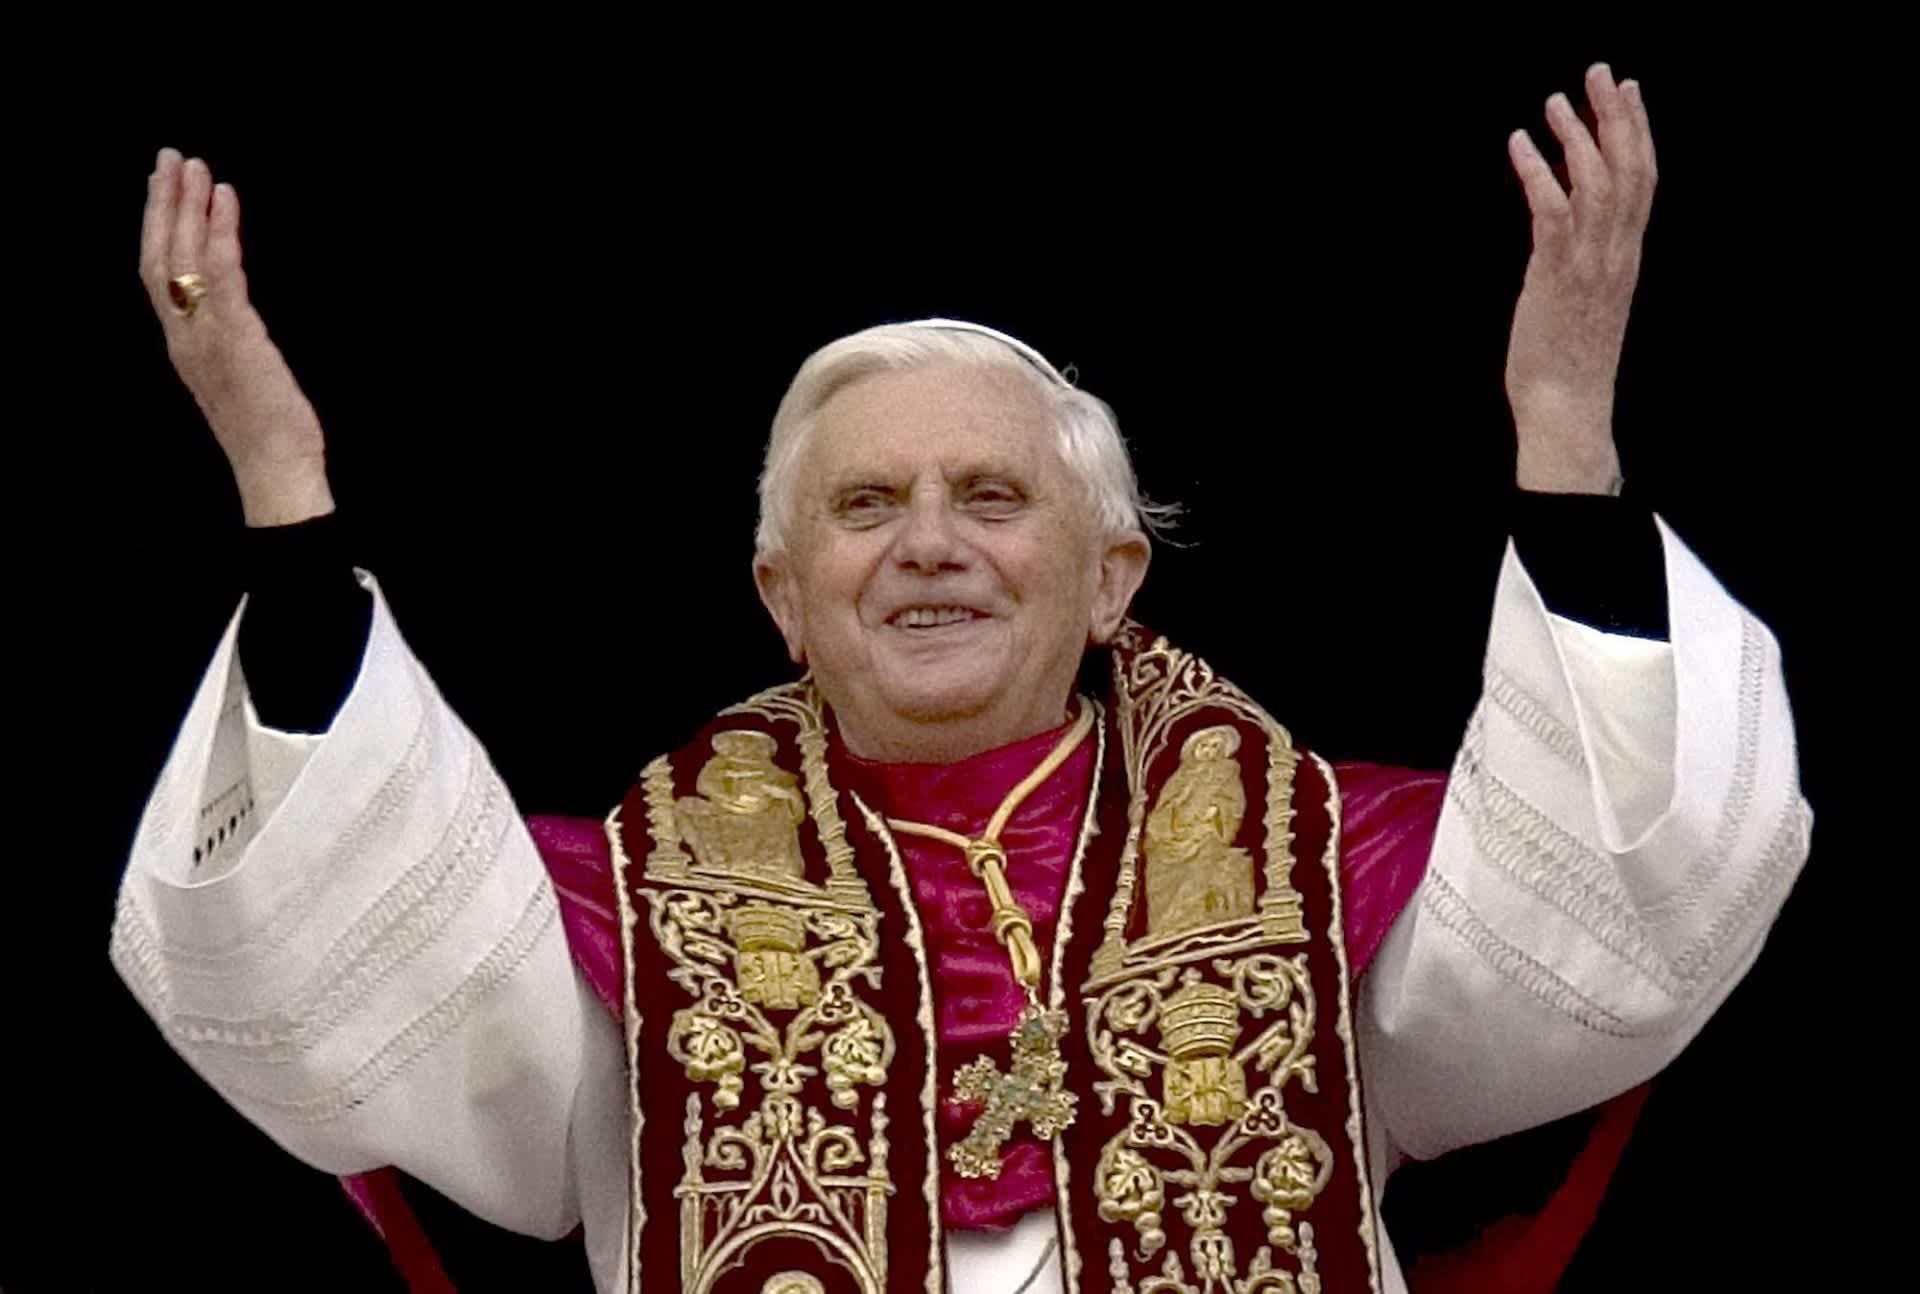 Paavi Benedictus XVI noustuaan virkaansa vuonna 2005.